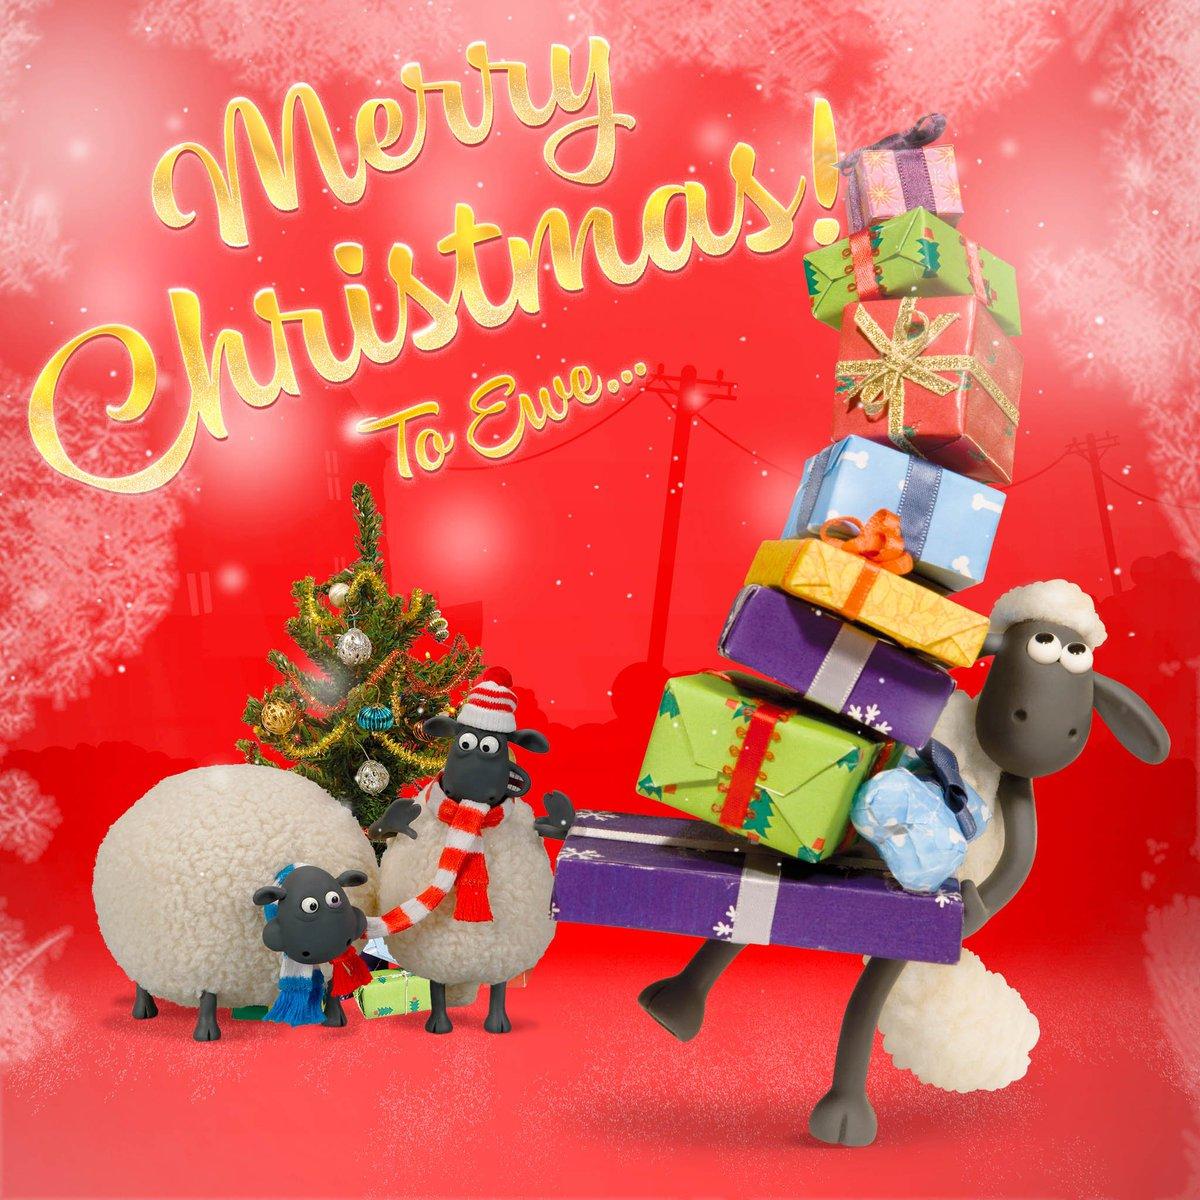 RT @aardman_jp: ひつじのショーンからファンの皆さまにメェ~リークリスマス!素敵でハッピーなクリスマスをお過ごしください♪ #ショーンの冬休み #クリスマス https://t.co/hOrhy8Qq3k